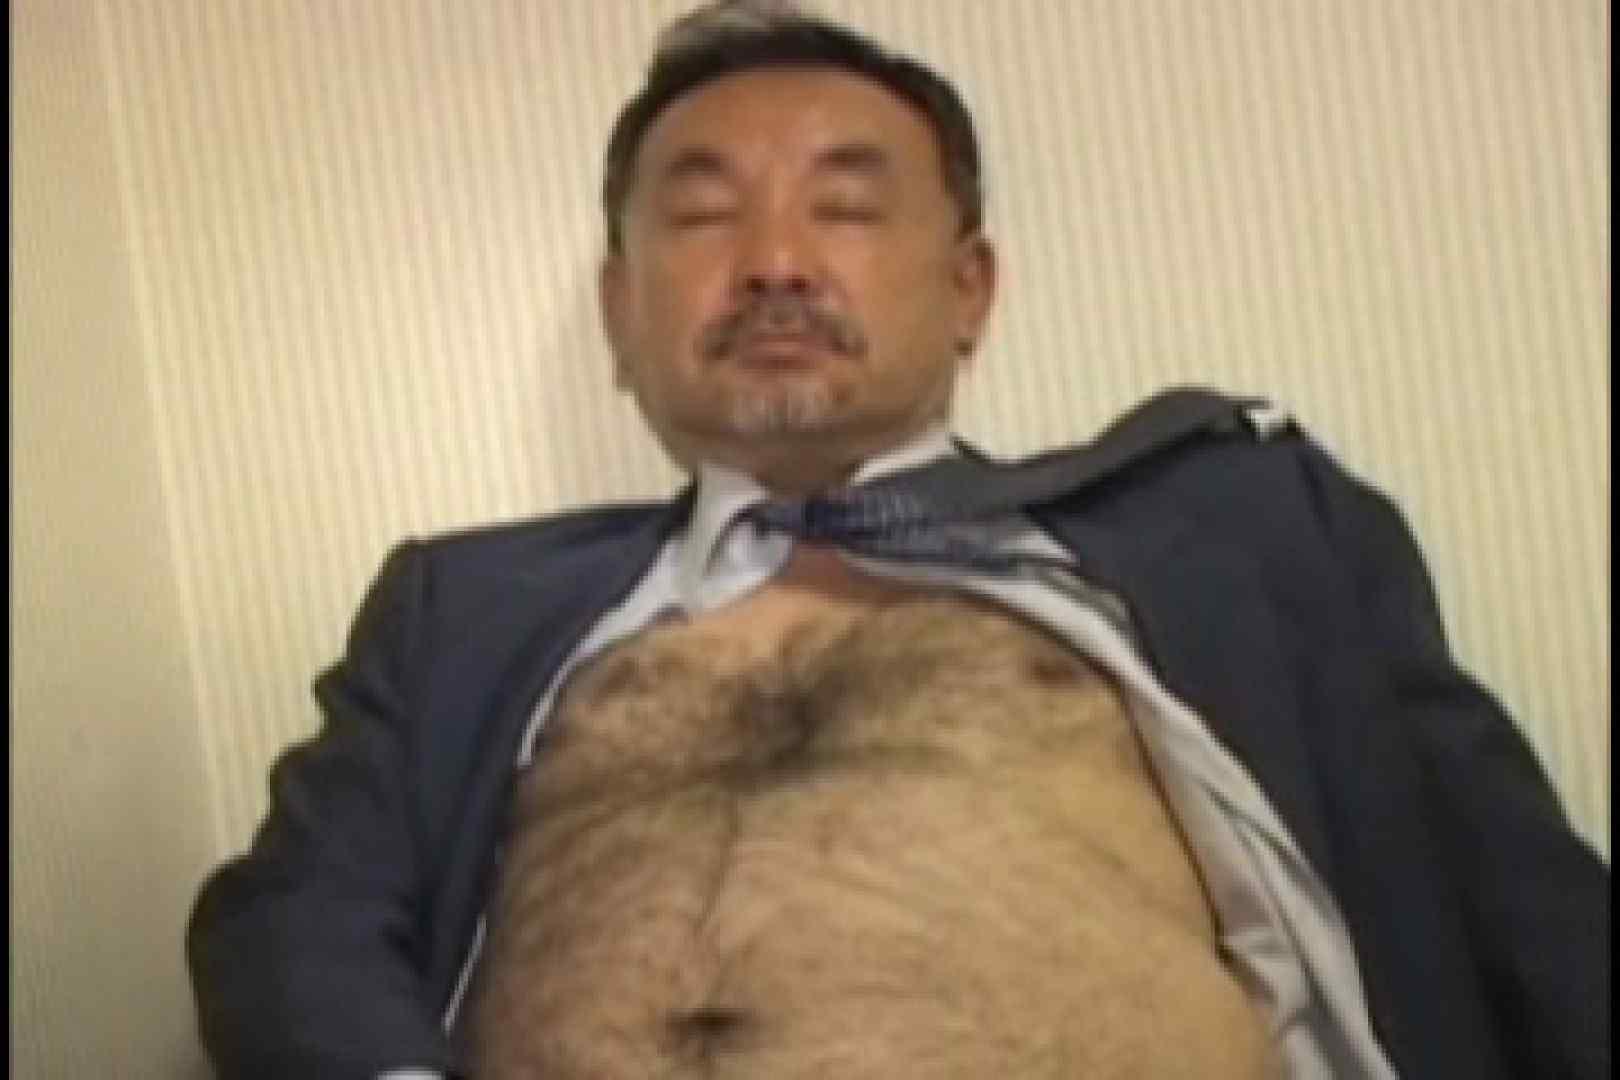 剛毛旦那のアナルレクチャー vol.02 アナル挿入 ゲイザーメン画像 68pic 27